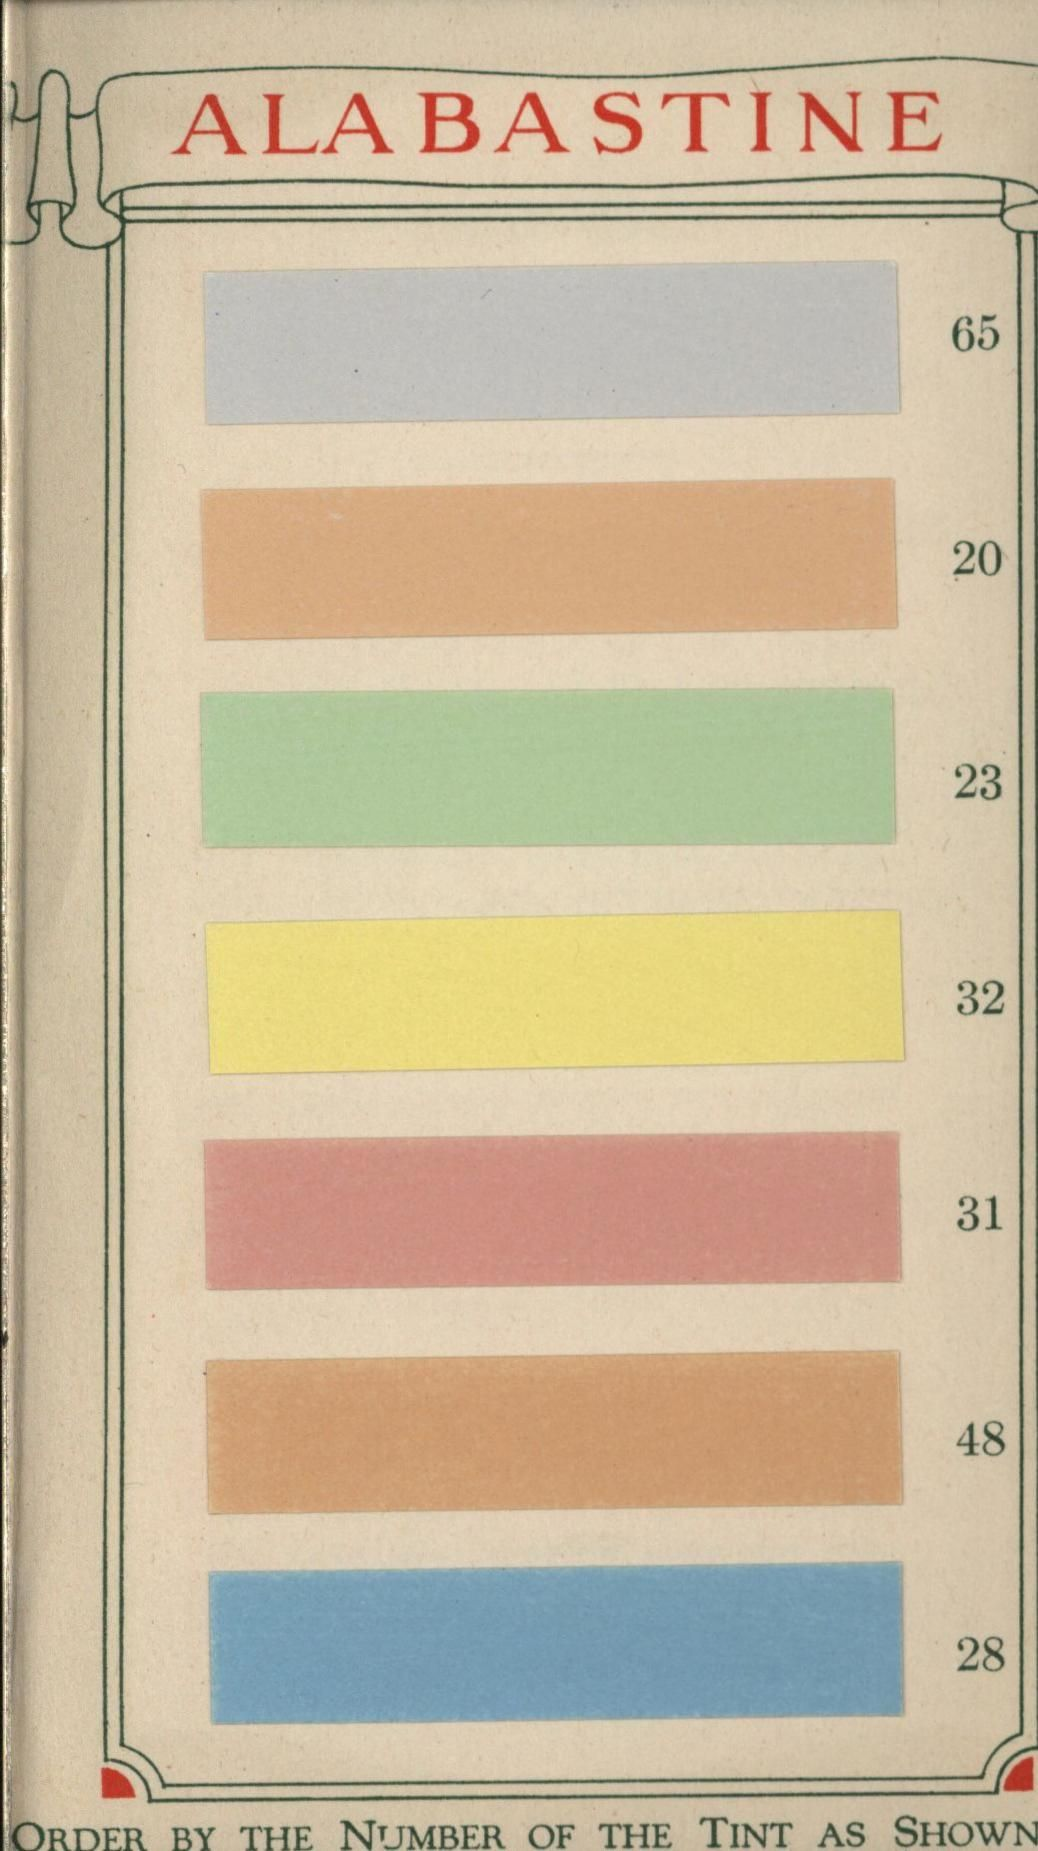 Alabastine water color for walls.1920s | I love color | Pinterest ...